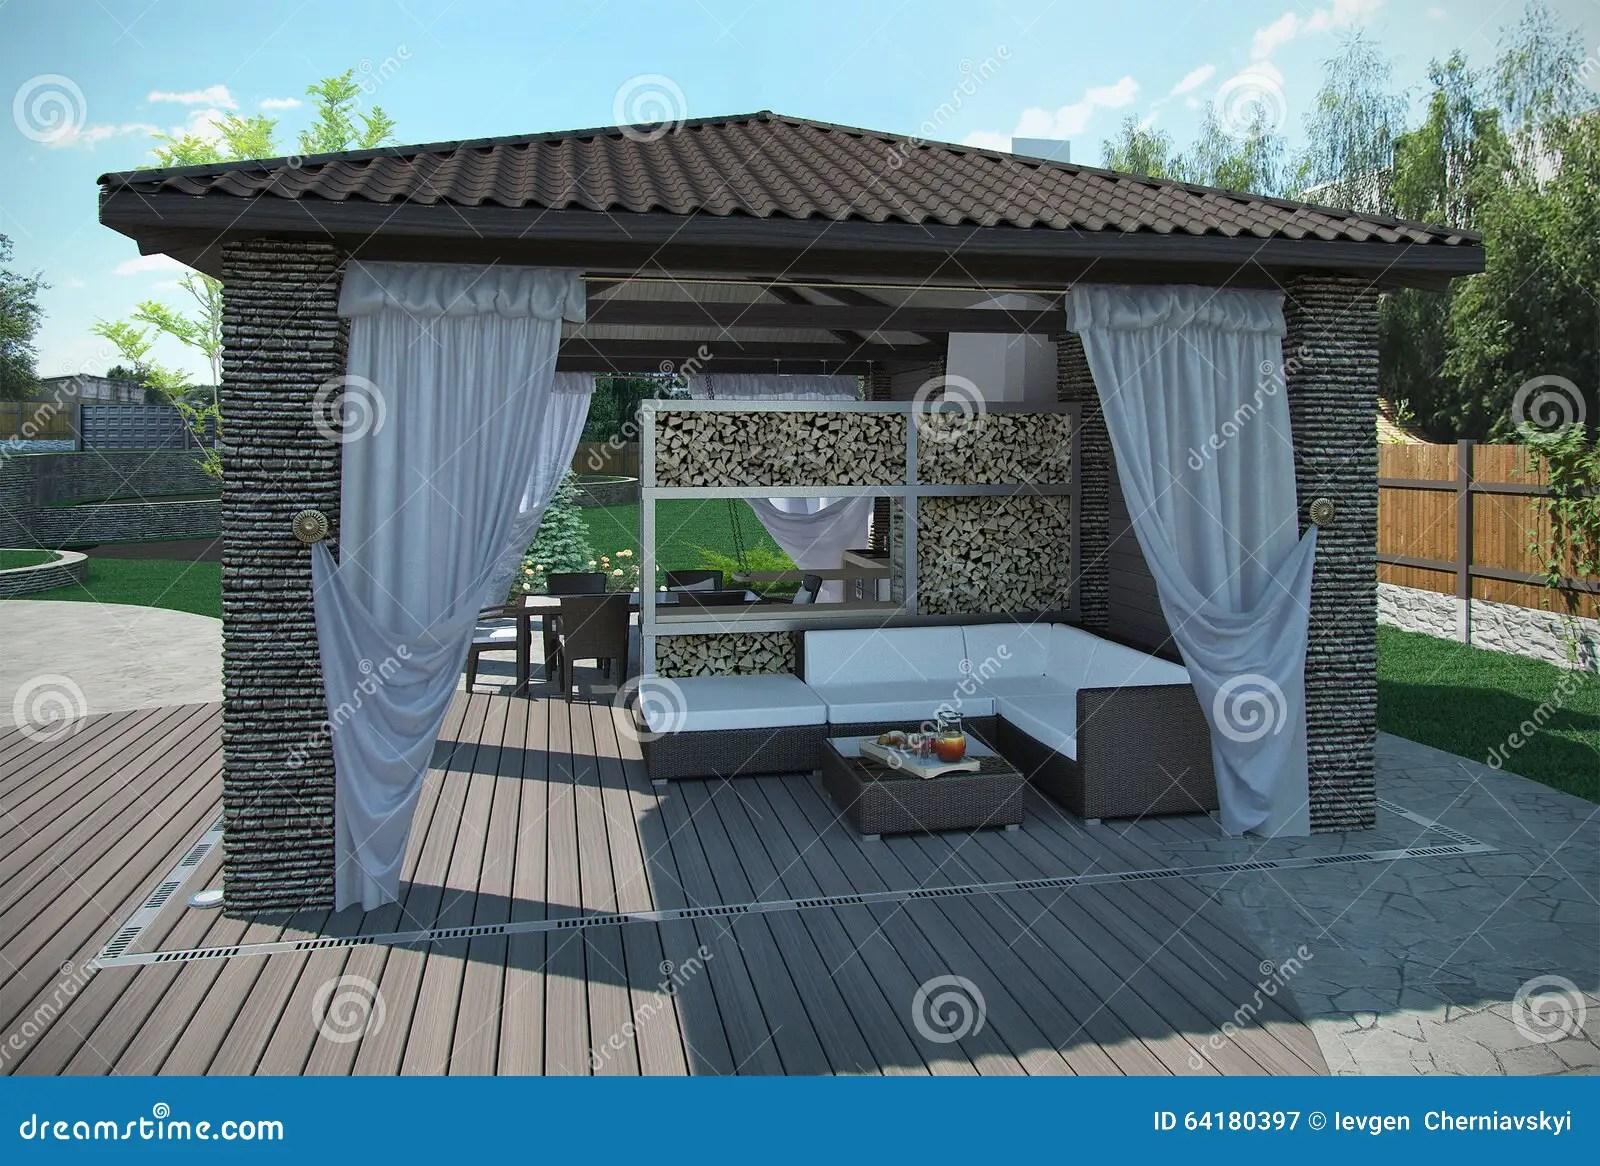 Beautiful Pavillon De Jardin Definition Contemporary - House Design ...